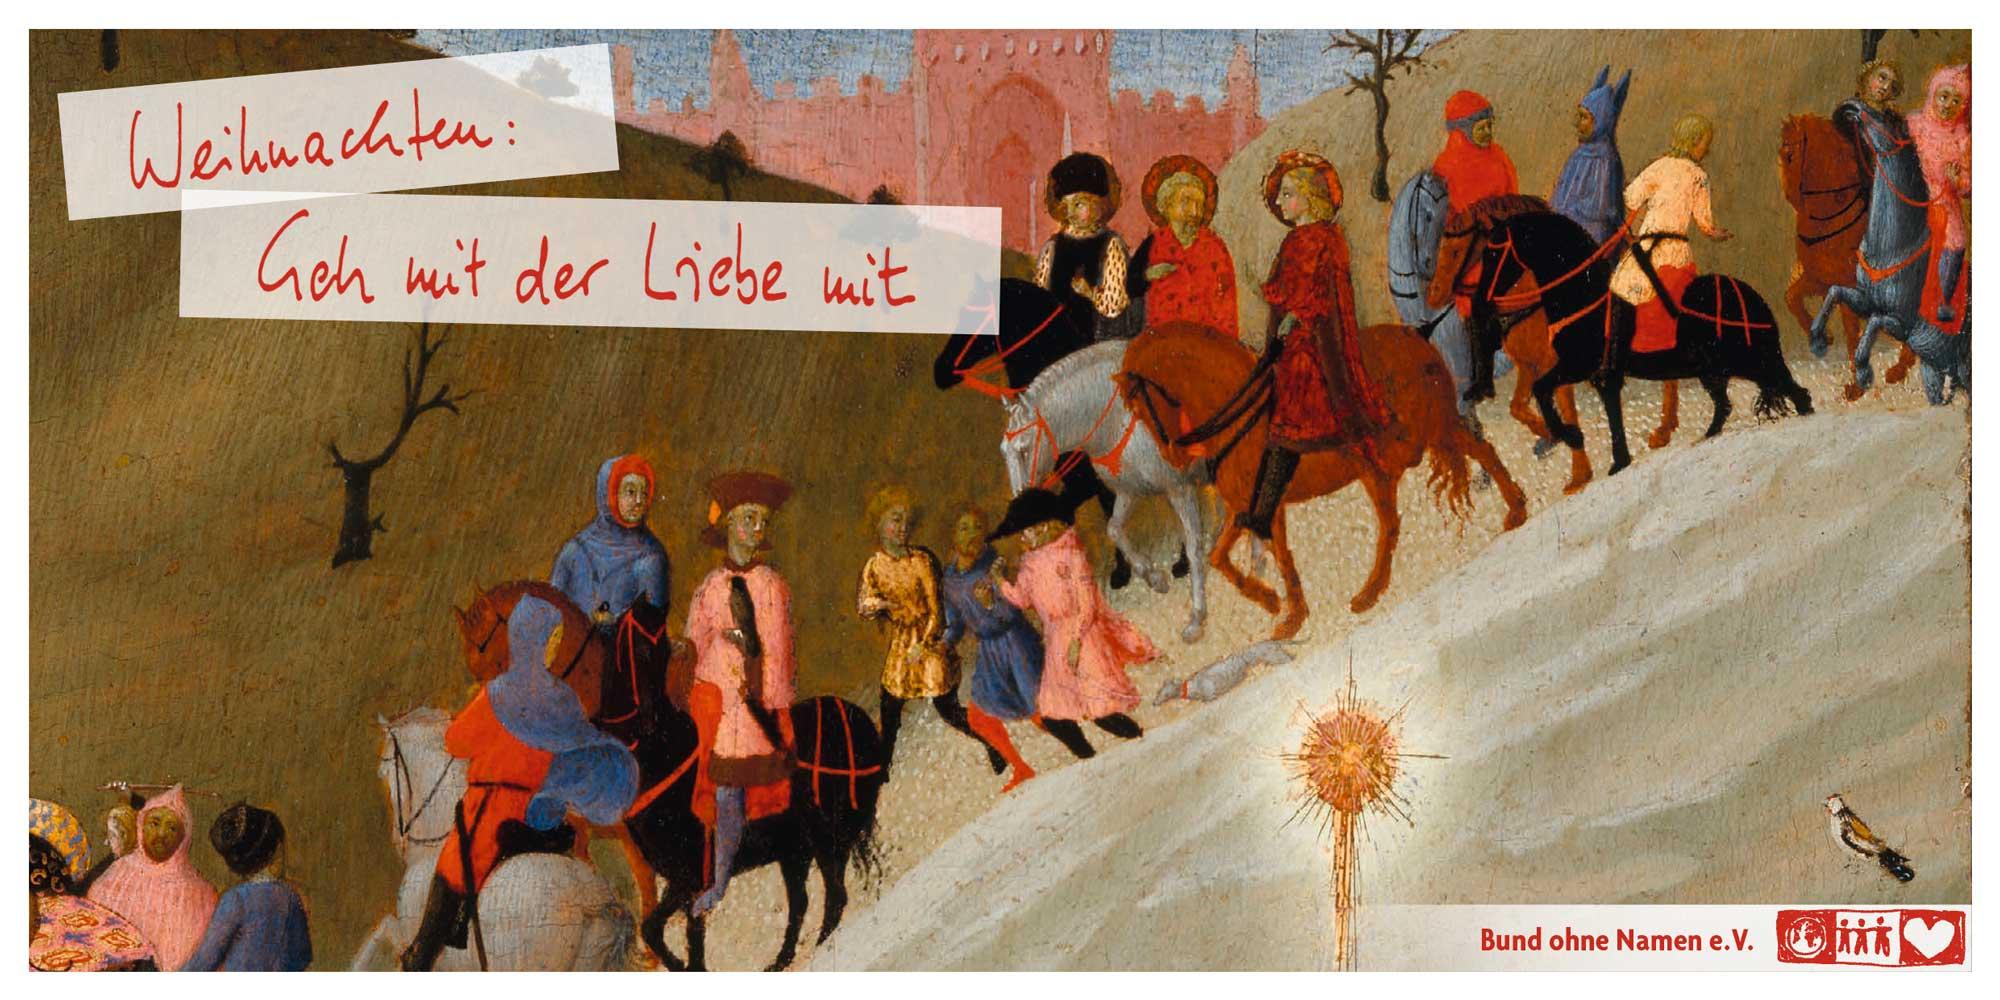 Weihnachten: Geh mit der Liebe mit